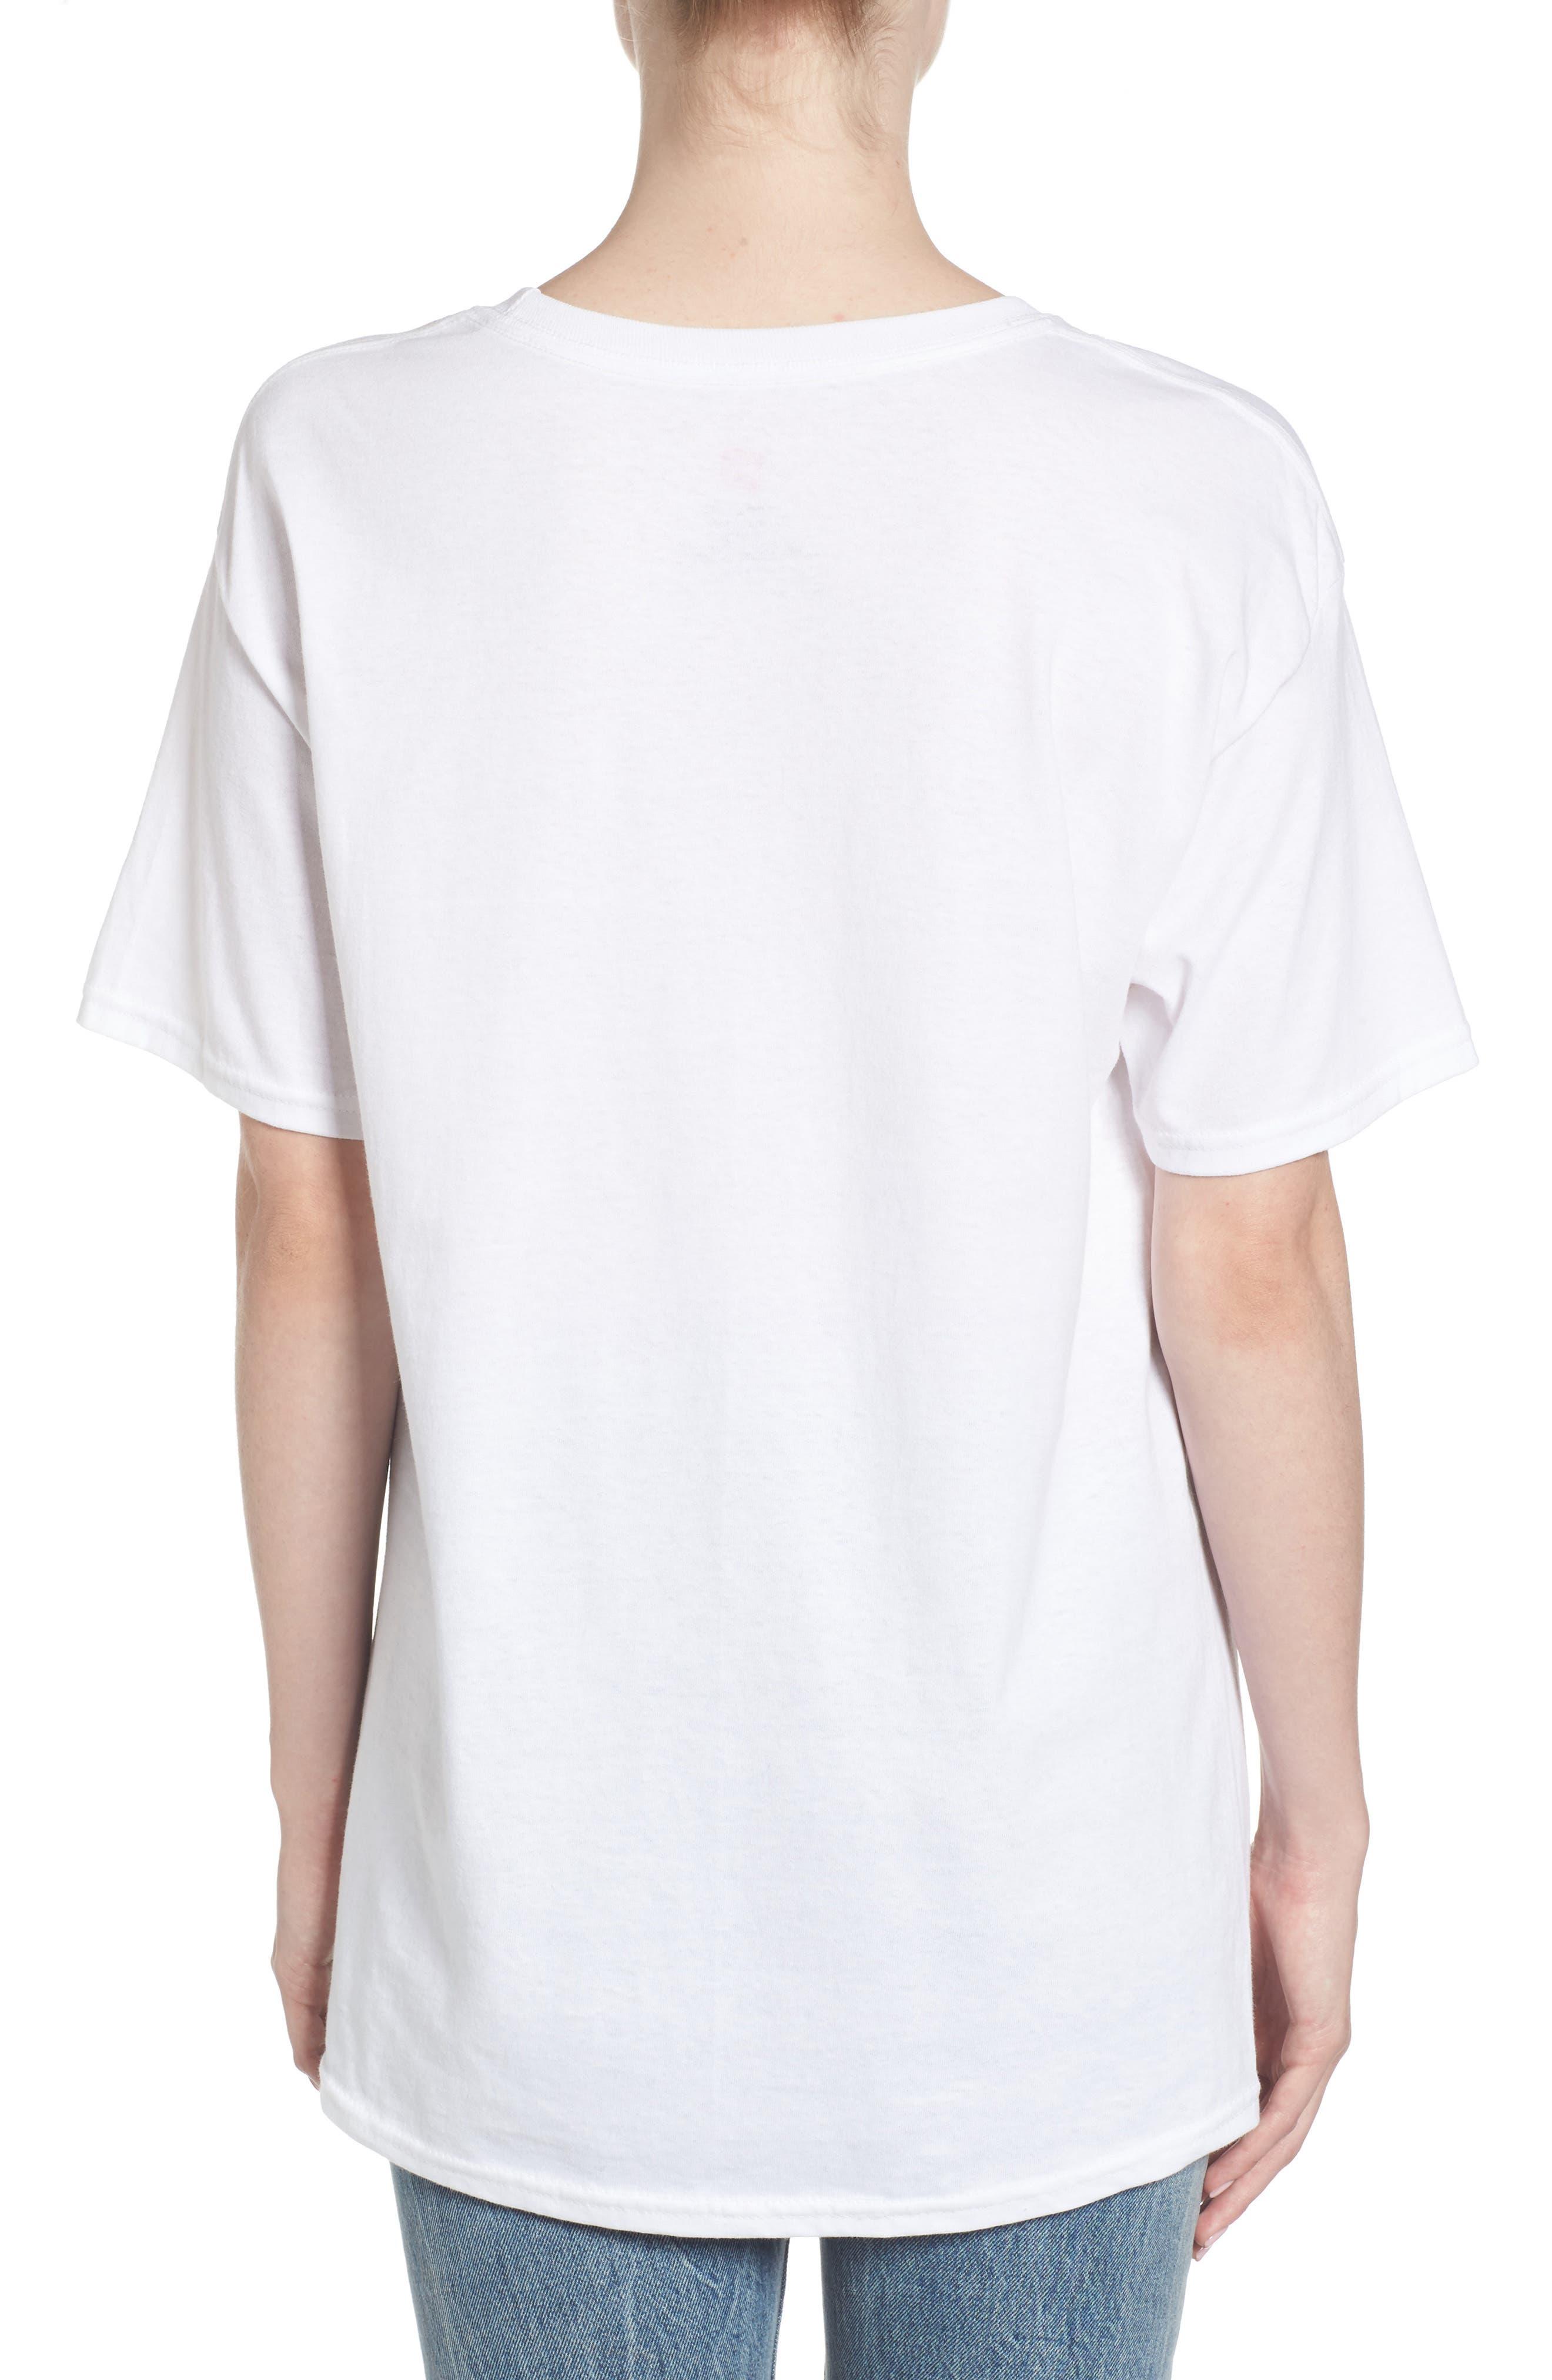 Michael Jackson T-Shirt,                             Alternate thumbnail 4, color,                             White